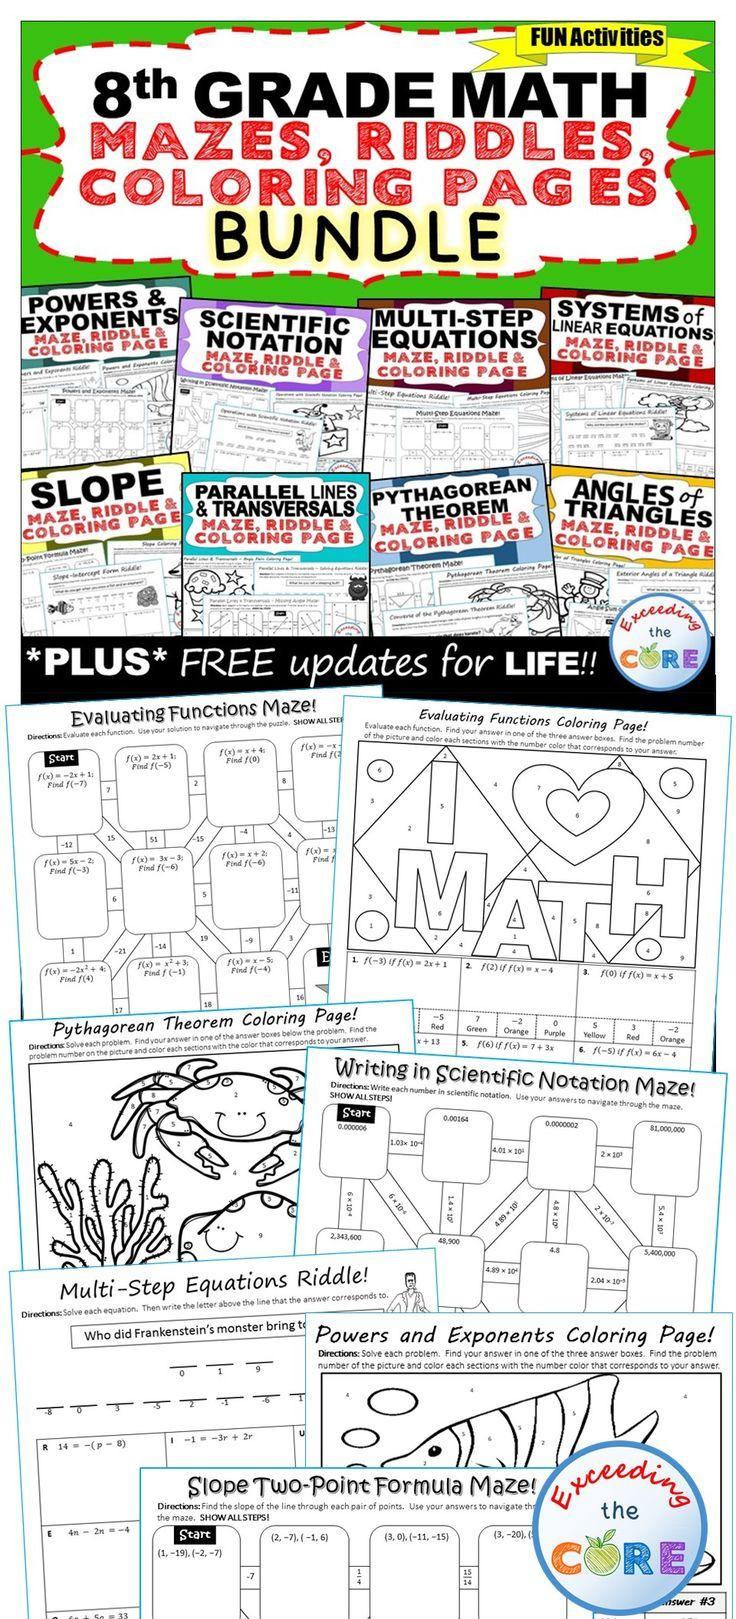 13th Grade Math Mazes, Riddles